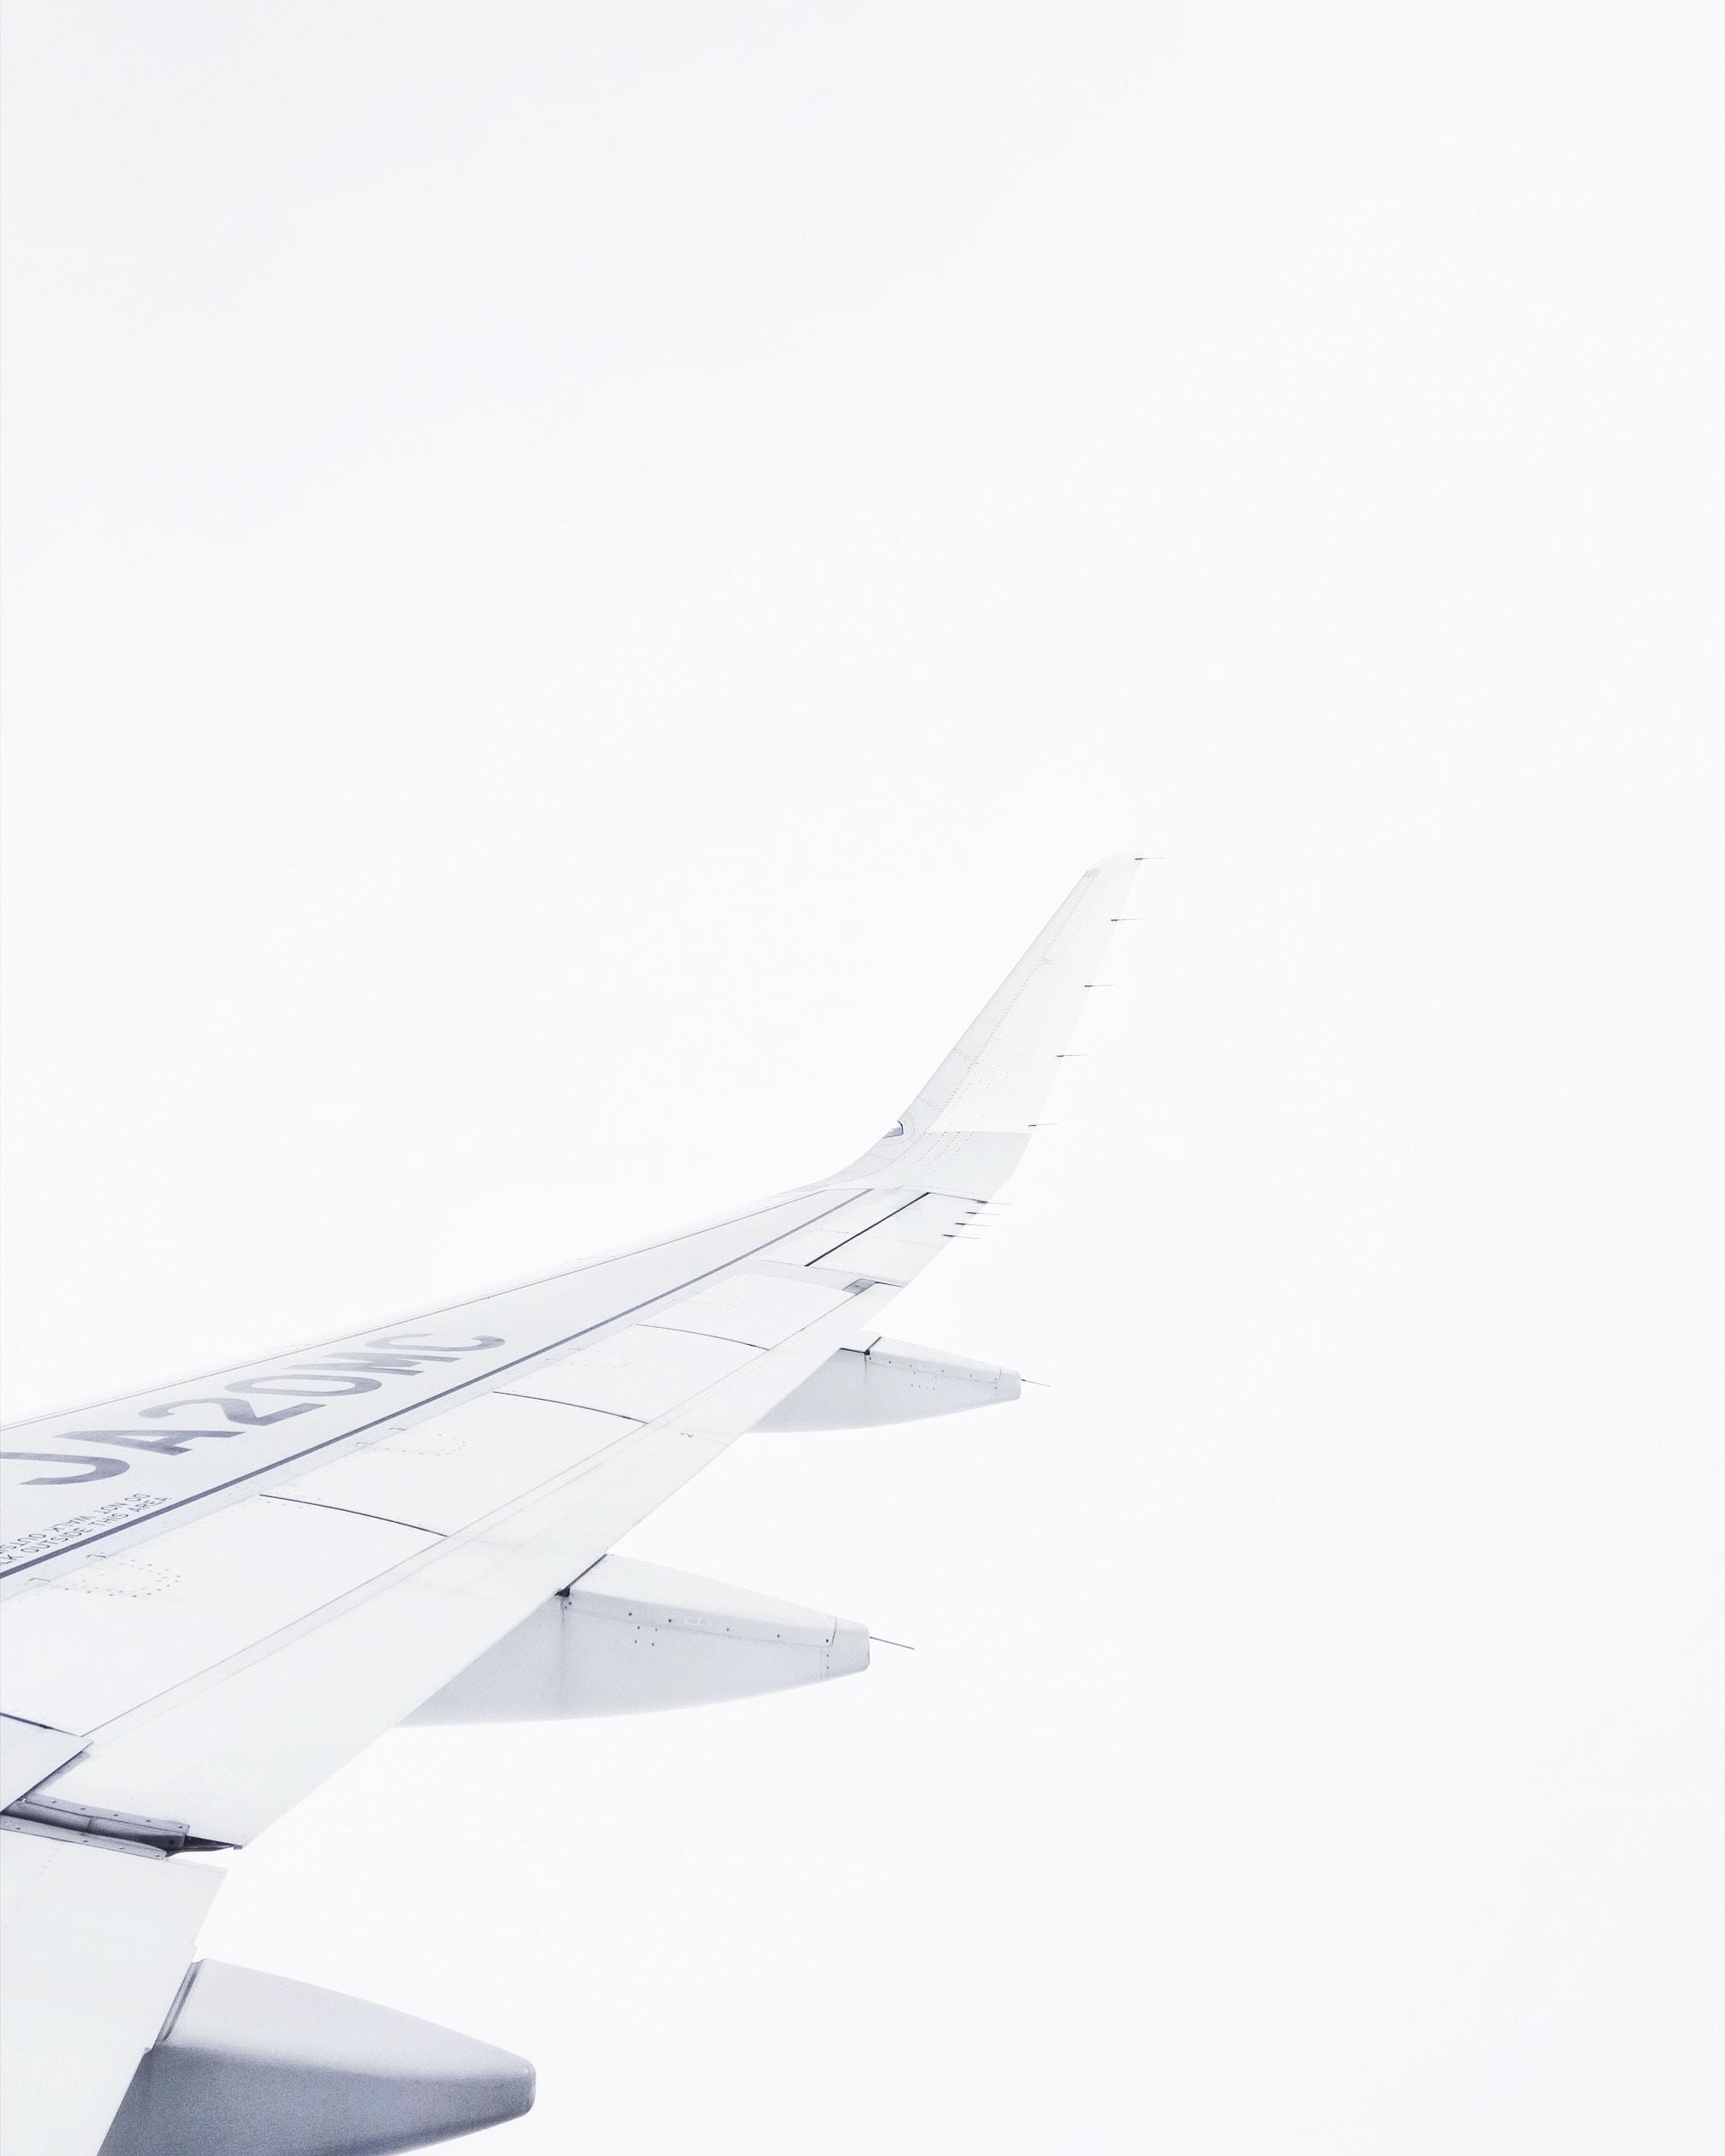 white airplane on air